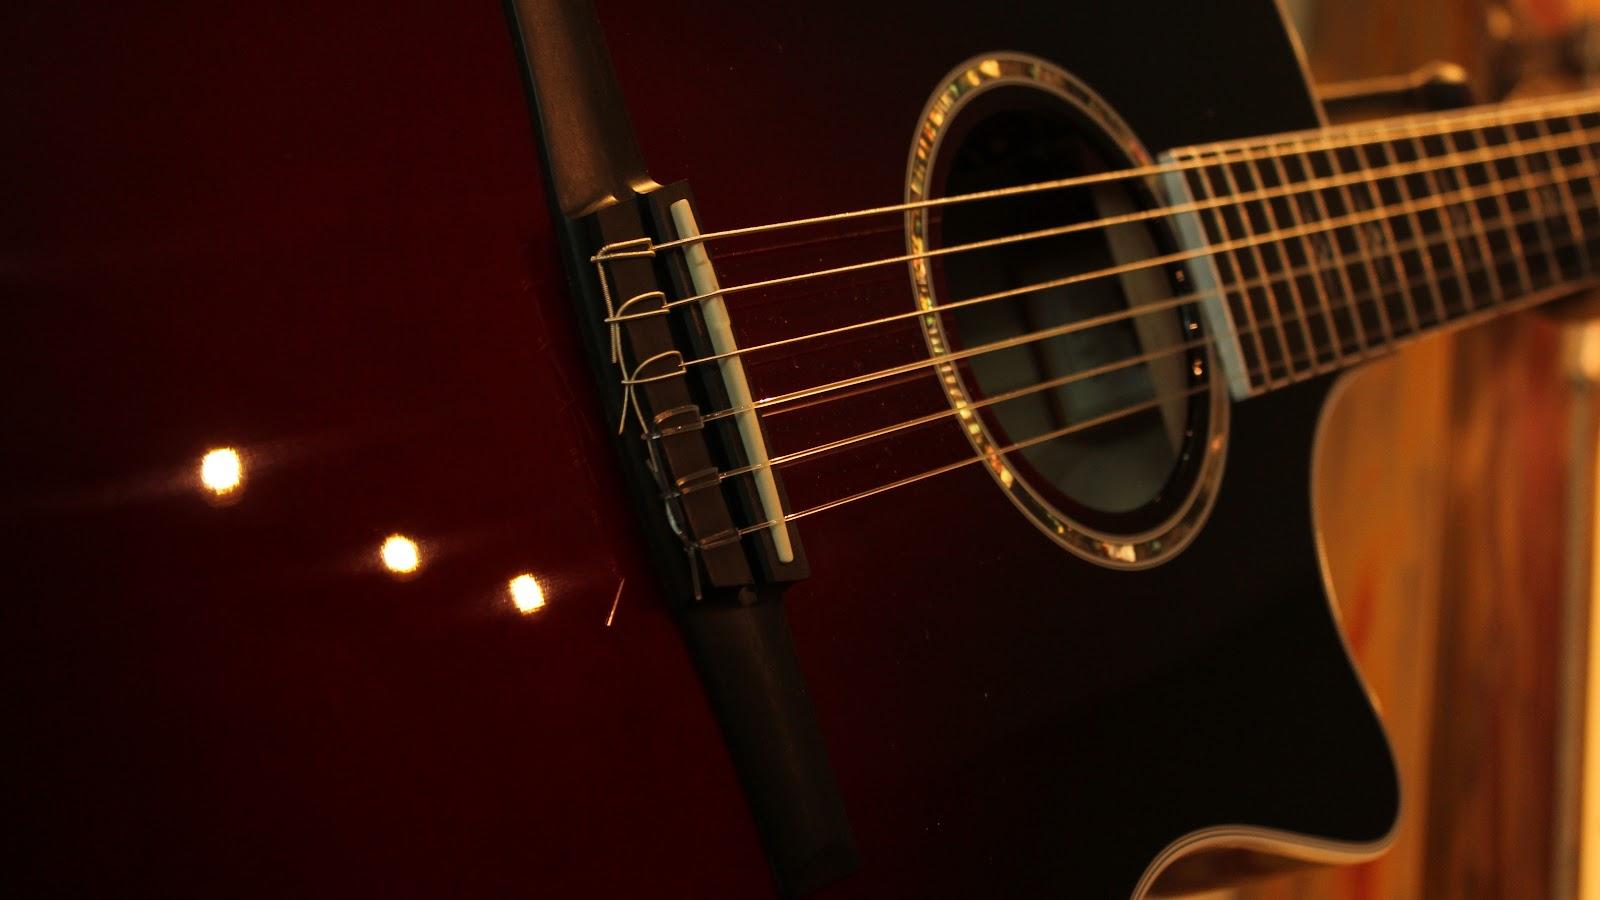 2014_06_23_San Diego_Taylor Guitars_1980 Gillespie Way, El Cajon, CA_D5__049_02.jpg